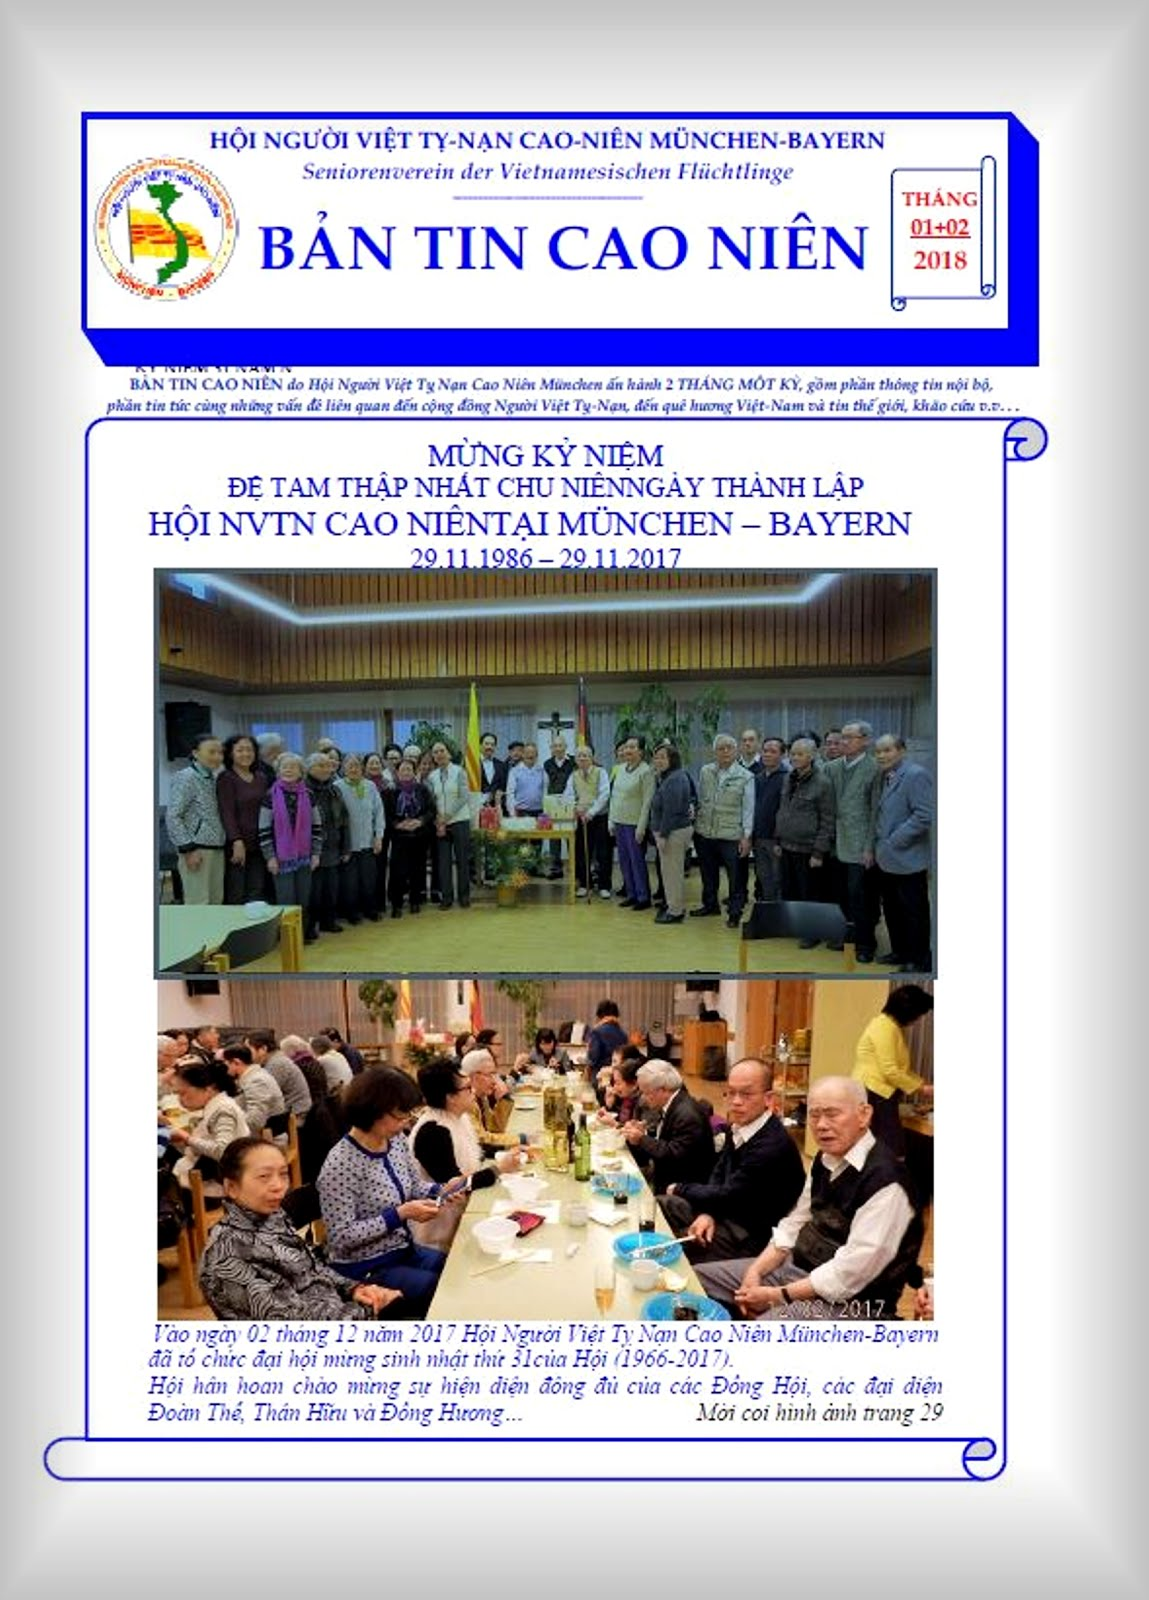 BẢN TIN CAO NIÊN 01+02.2018